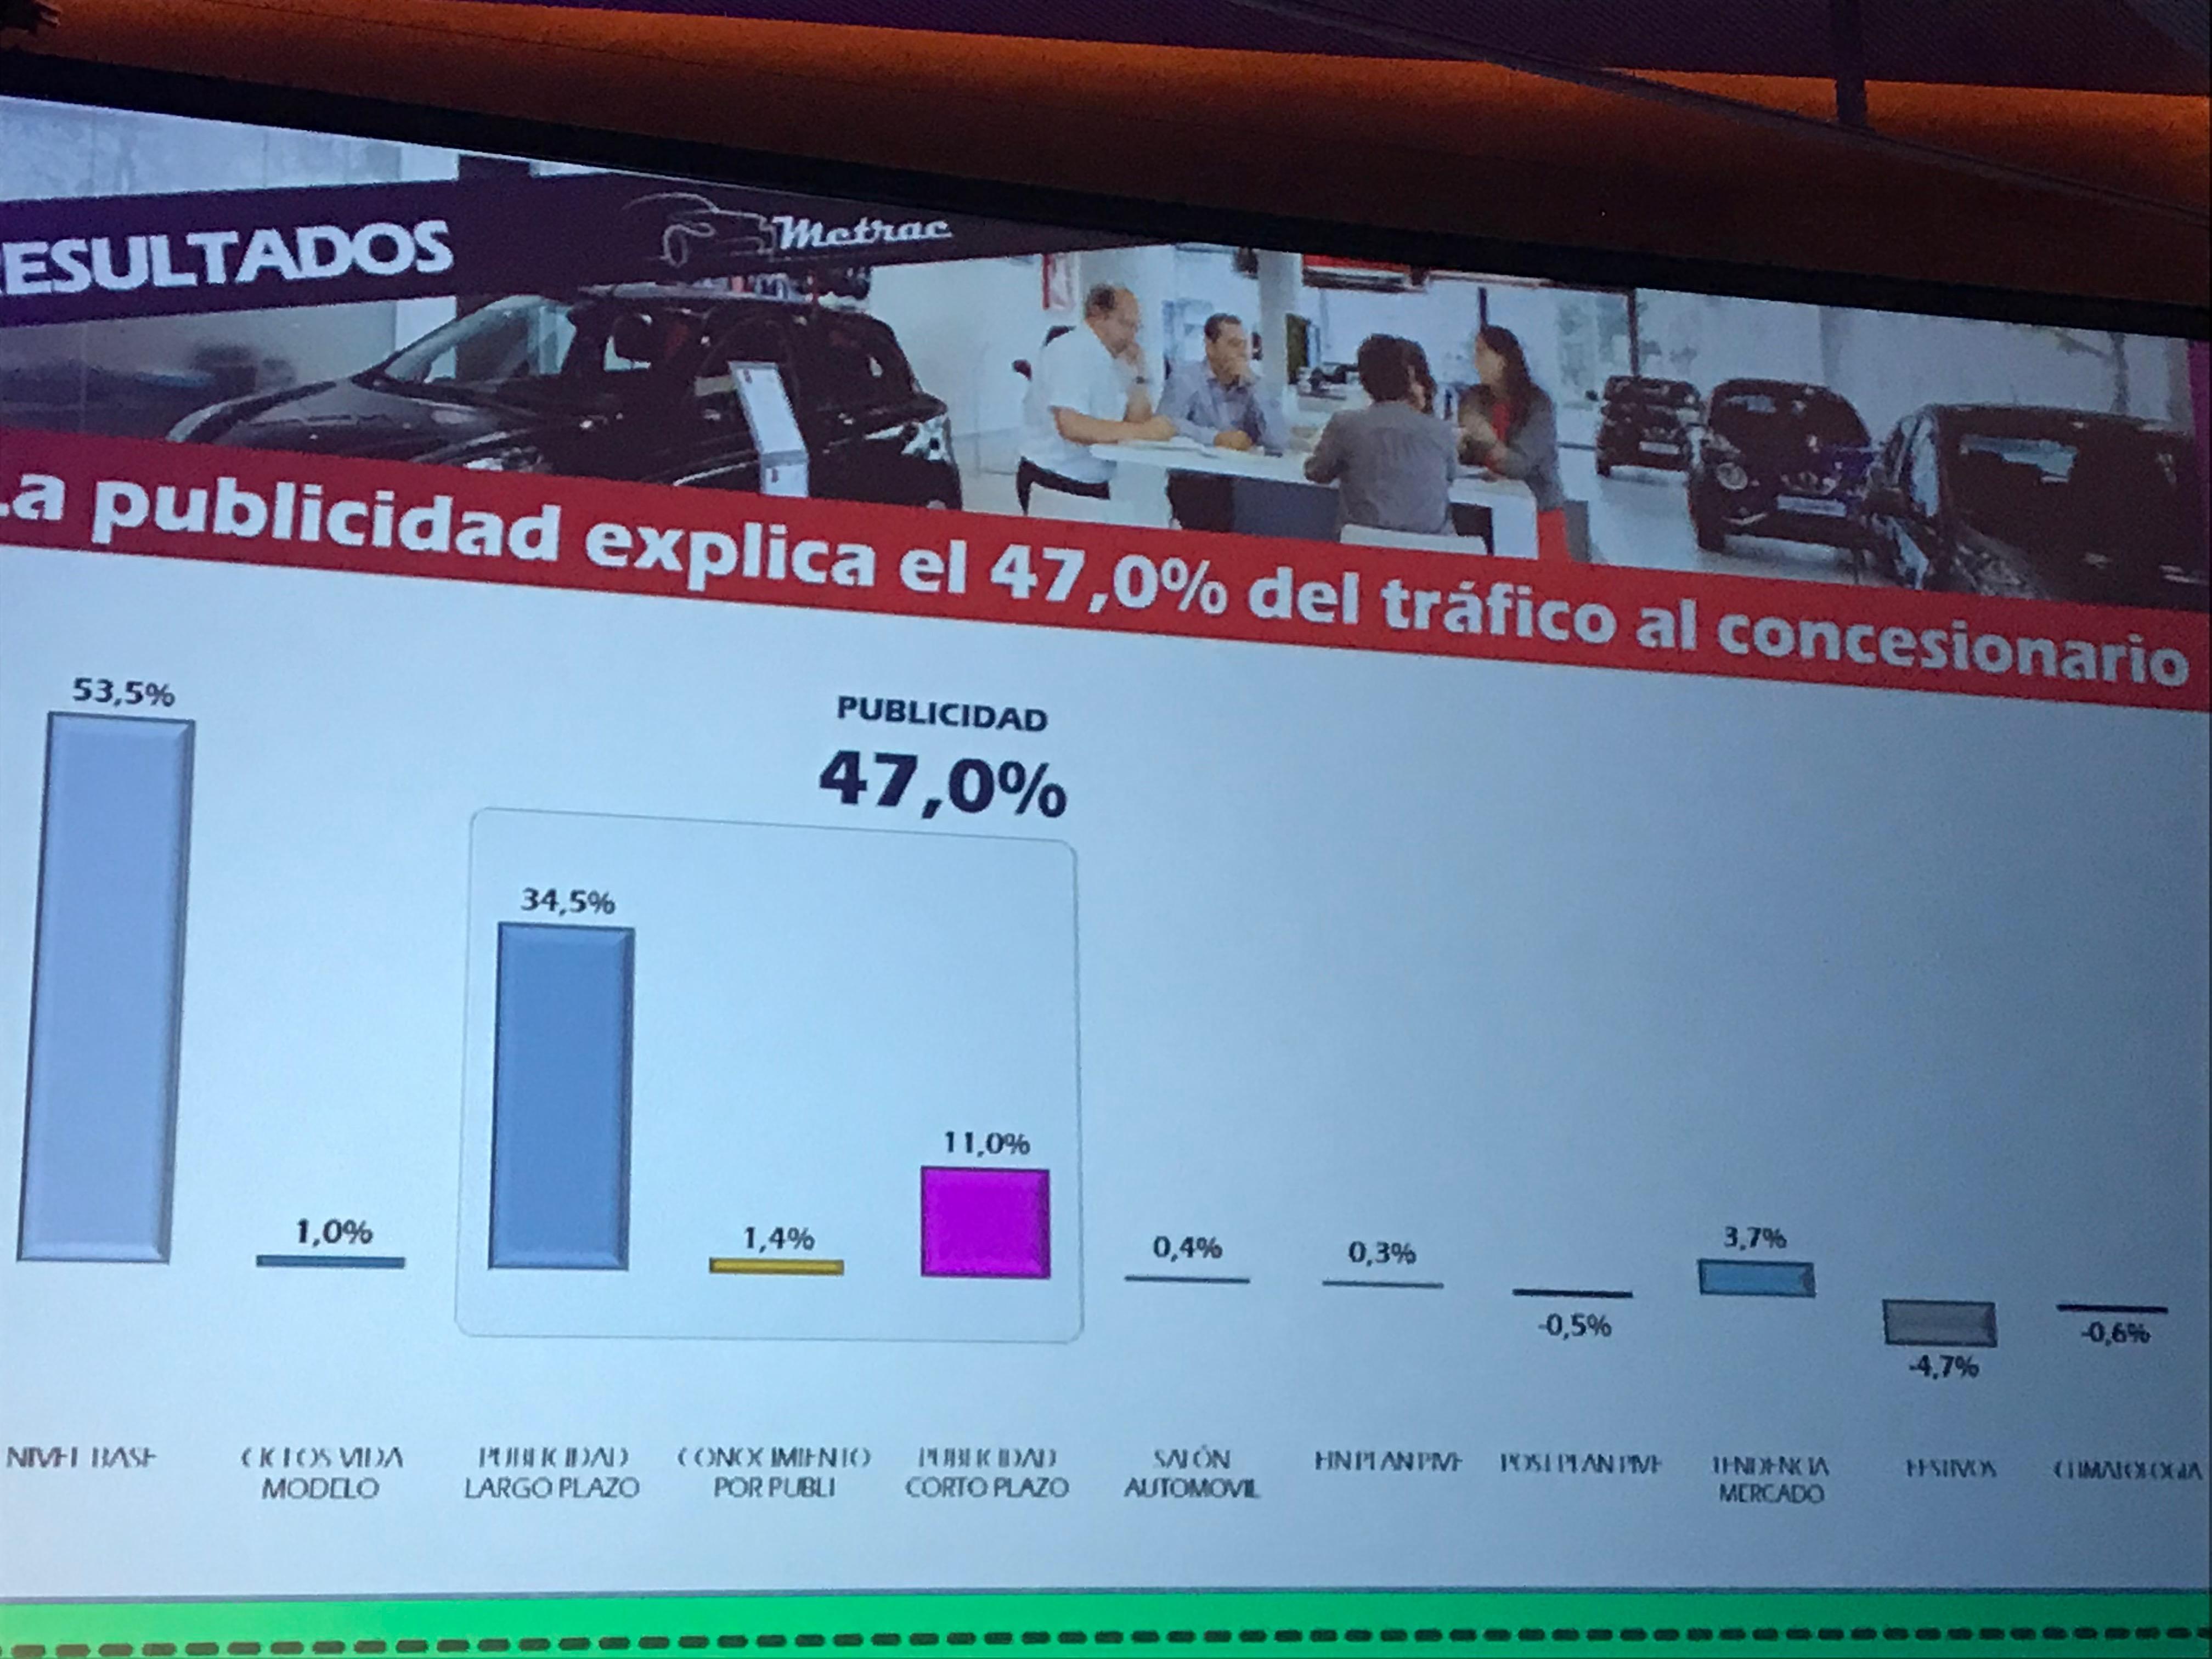 La televisión, el acelerador de la automoción: es responsable del 62% del ROI publicitario